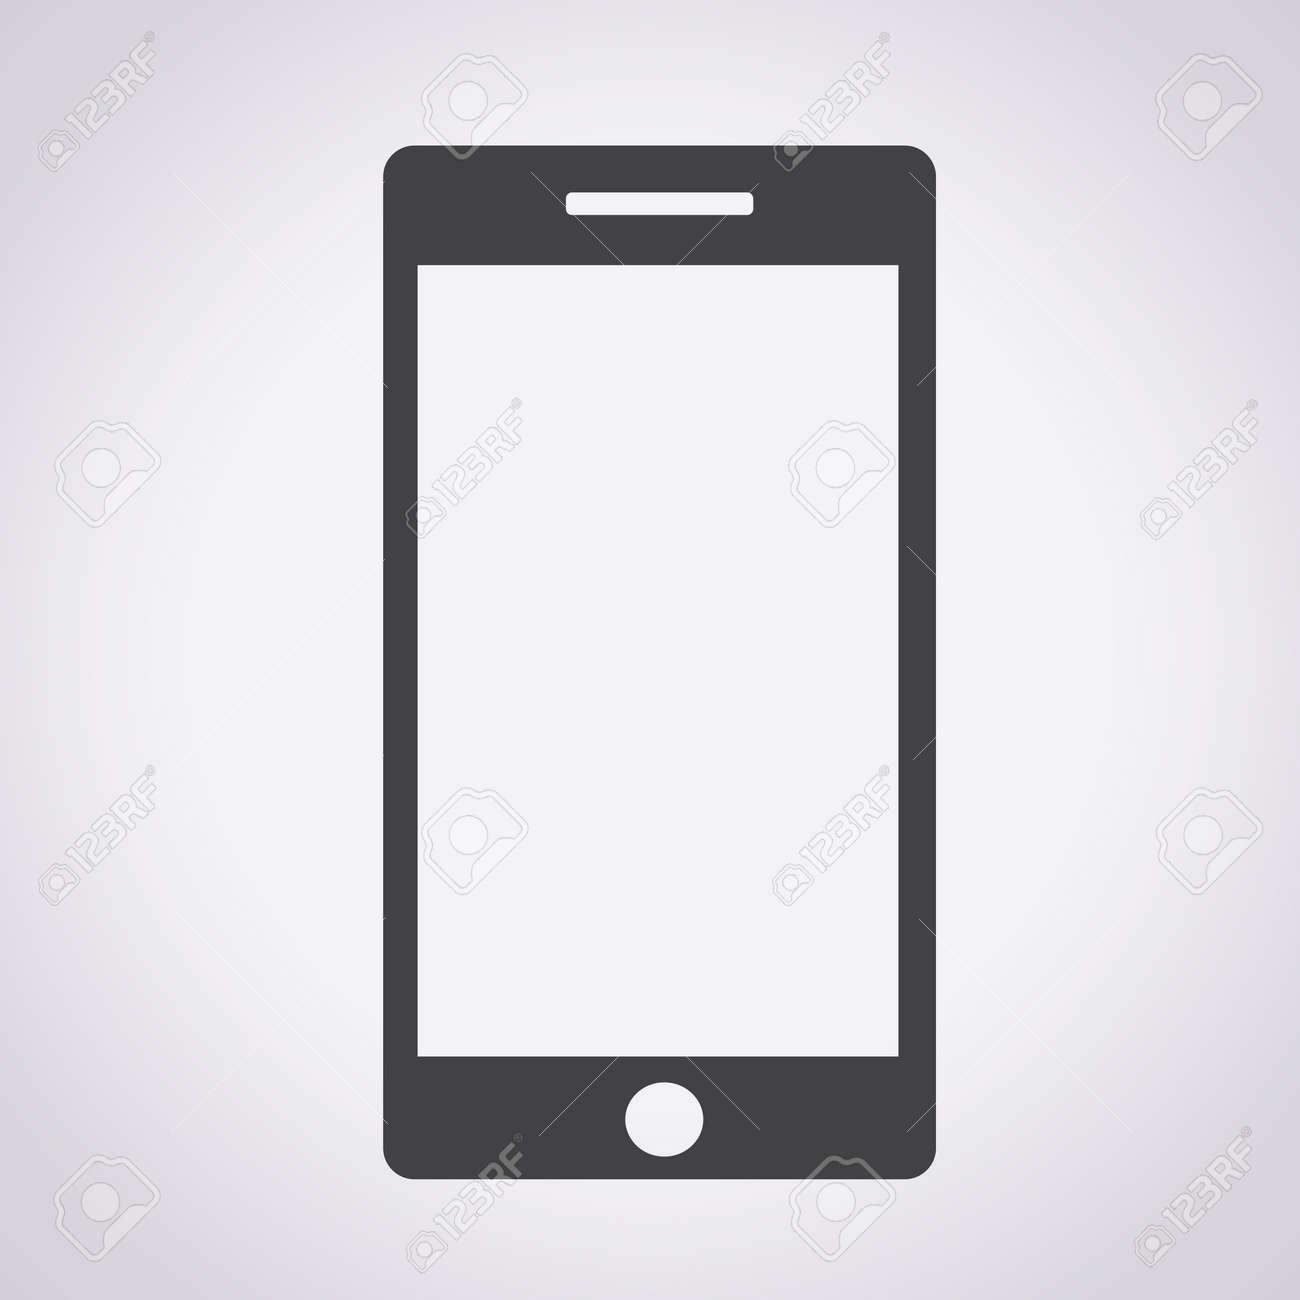 スマート携帯電話のイラスト ロイヤリティフリークリップアート